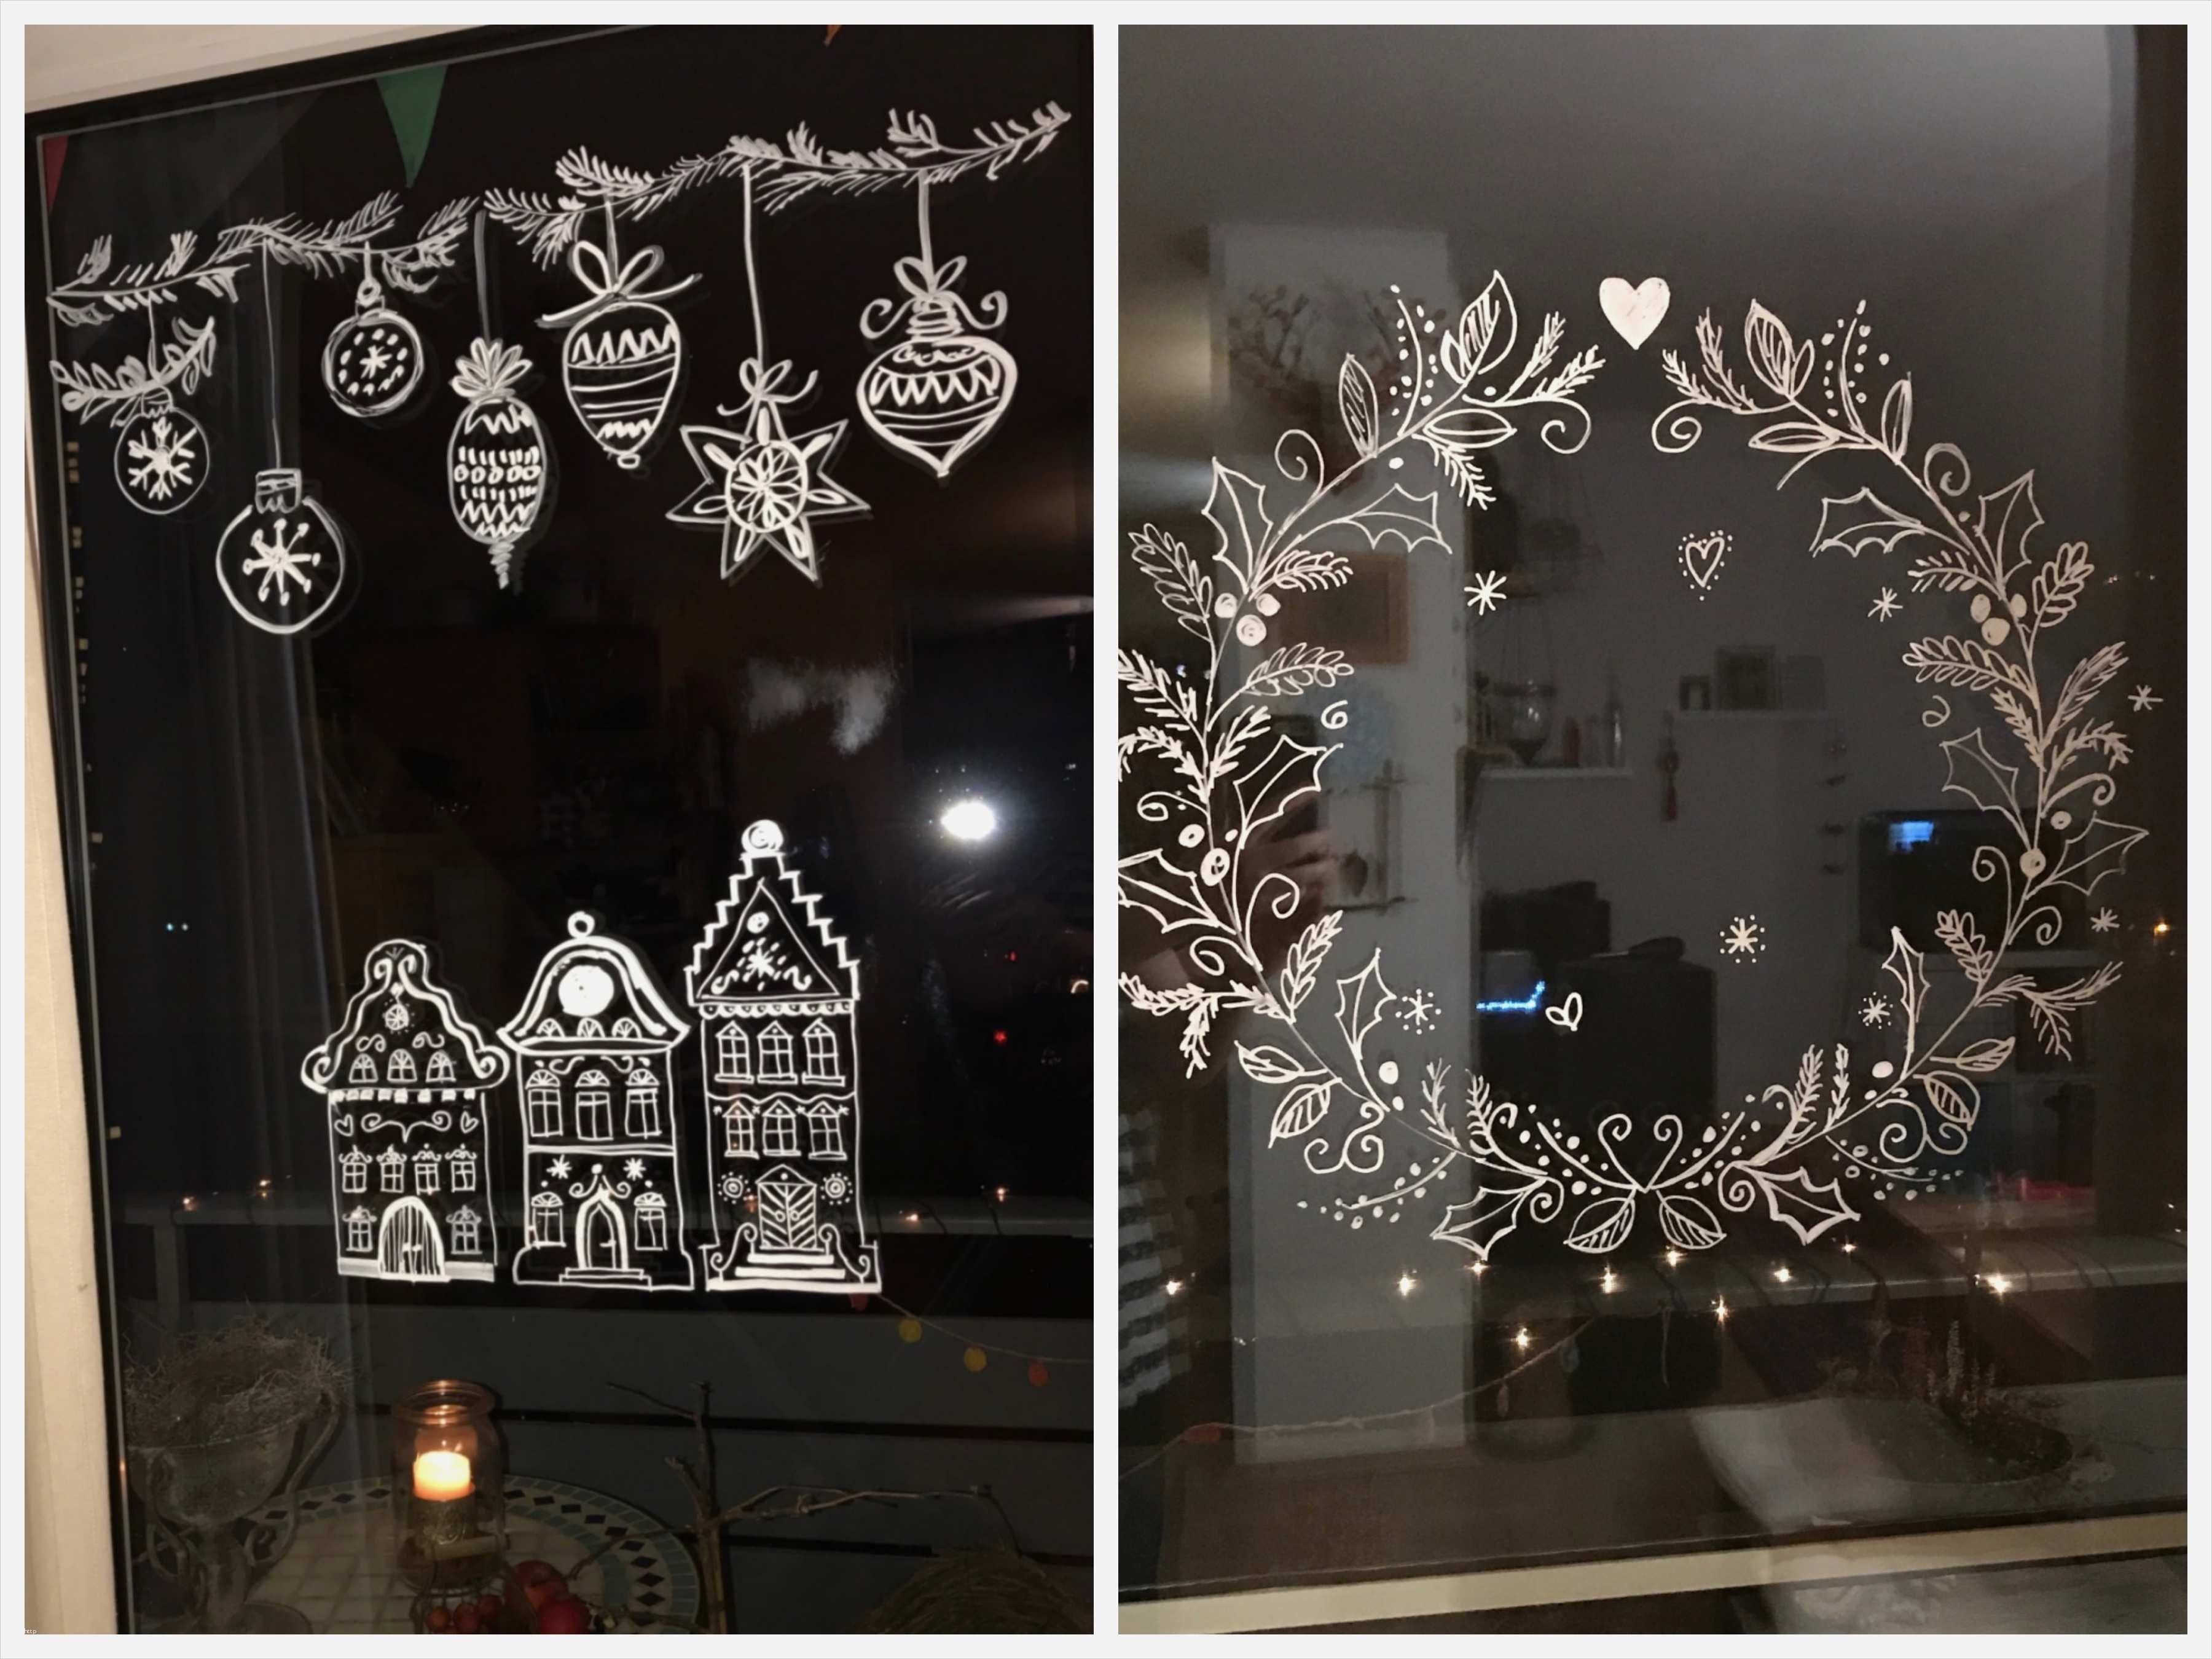 17 Neuester Fenster Bemalen Weihnachten  Weihnacht fenster, Deko